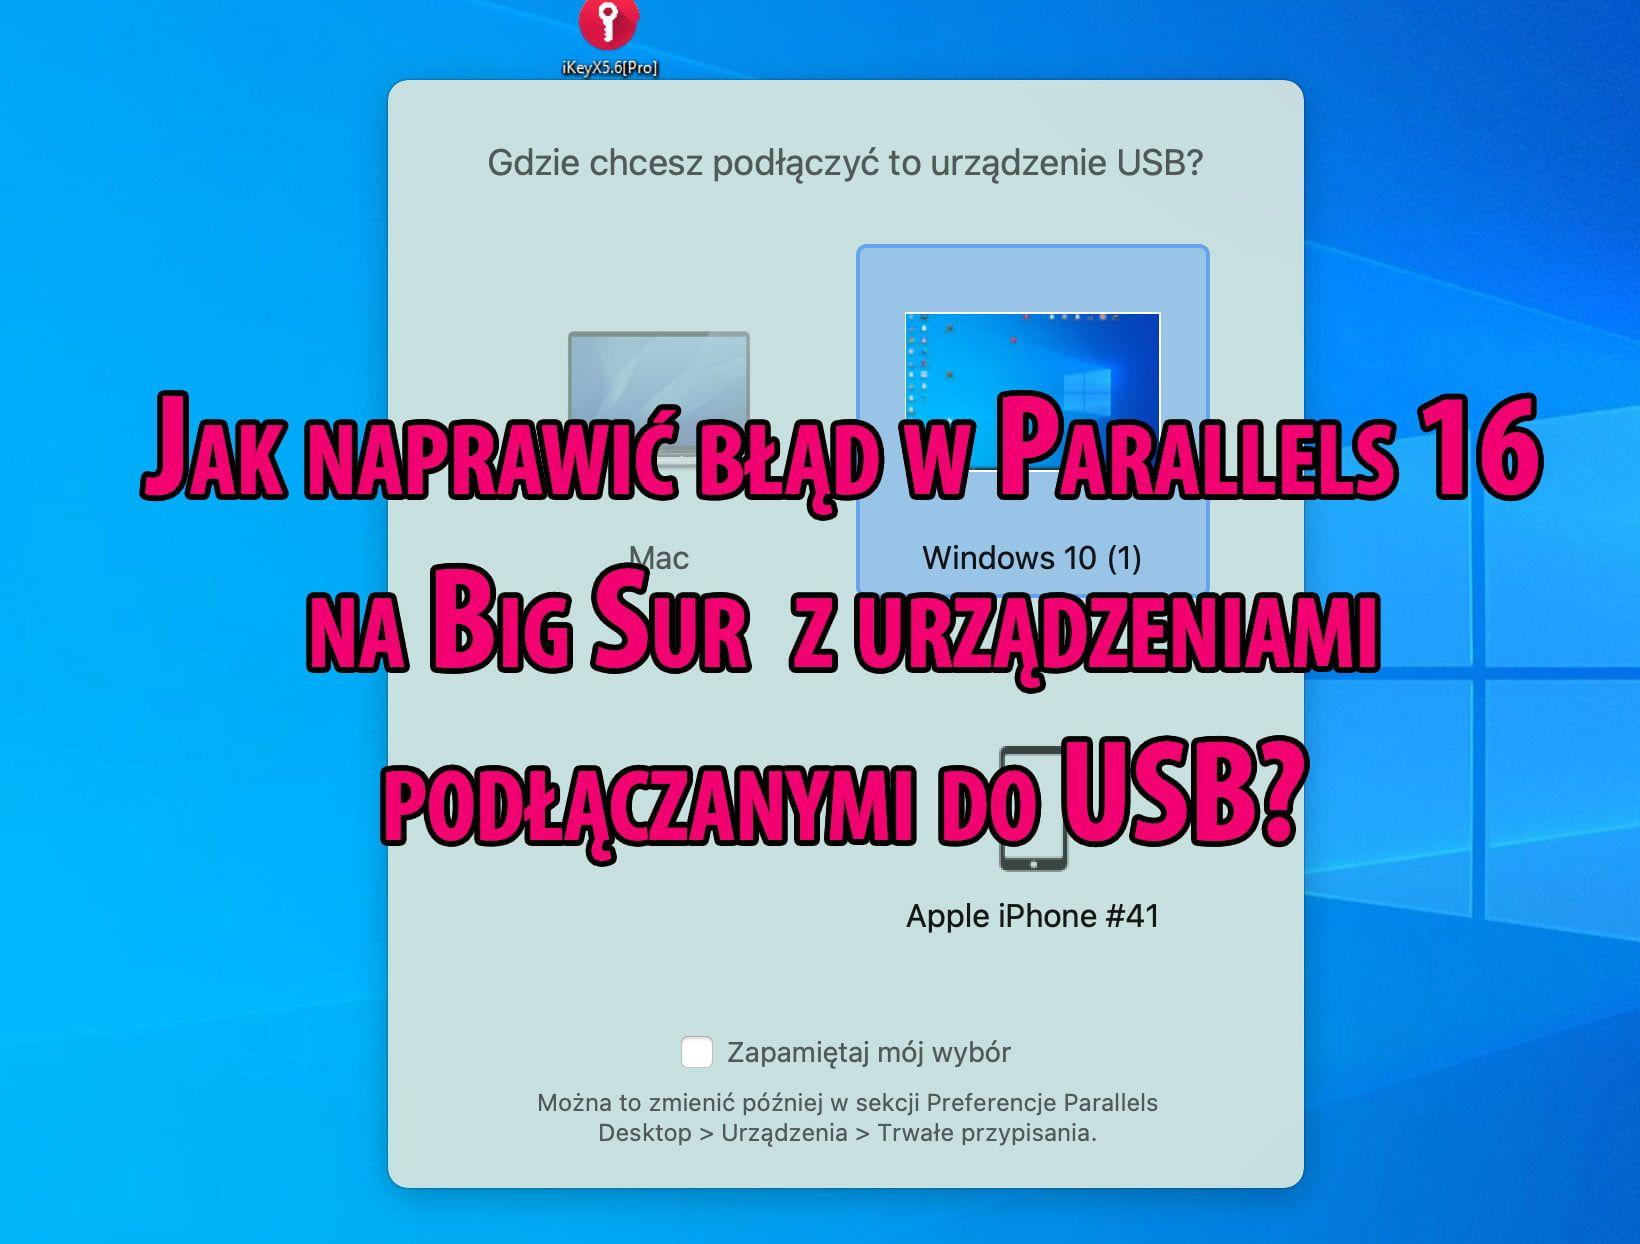 Jak naprawić błąd w Parallels 16 na Big Sur z urządzeniami podłączanymi do USB?